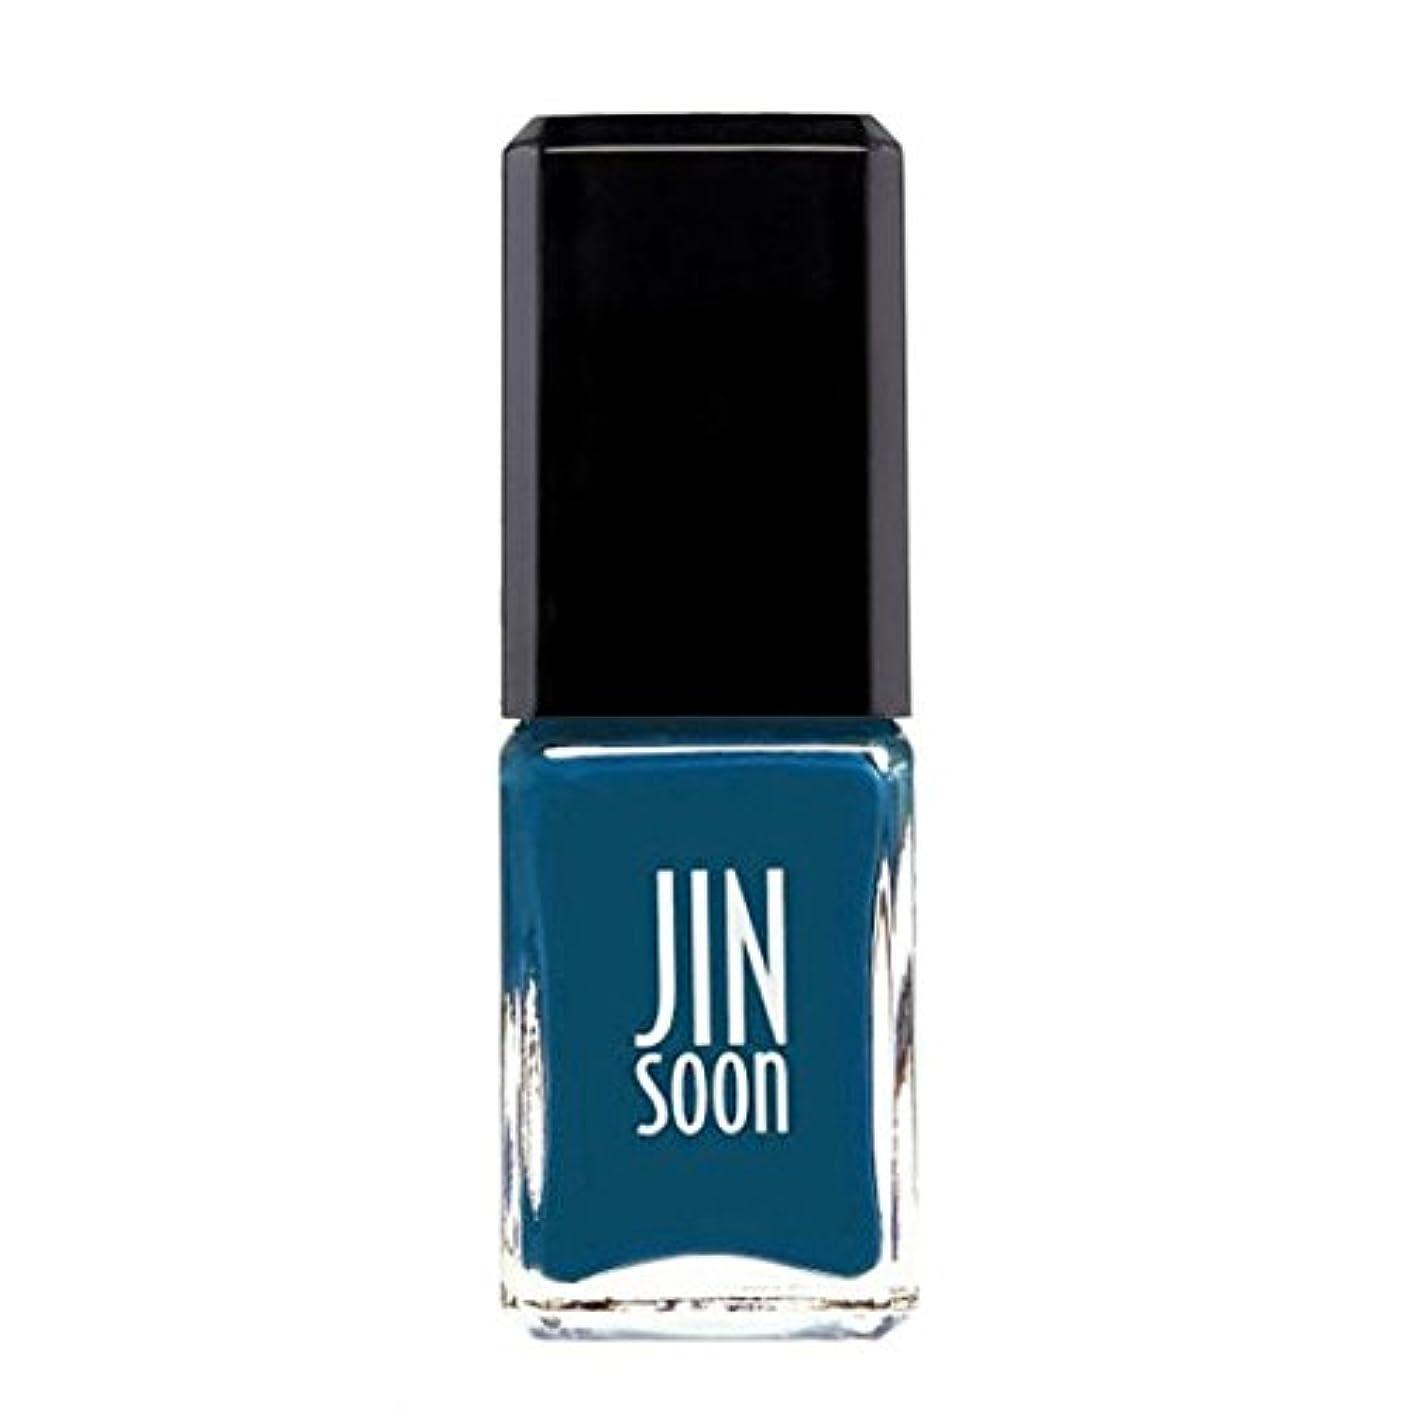 に対処する虚栄心強化する[ジンスーン] [ jinsoon] ボウ(ティールブルー) BEAU ジンスーン 5フリー ネイルポリッシュ ネイルカラー系統:ティールブルー teal blue 11mL